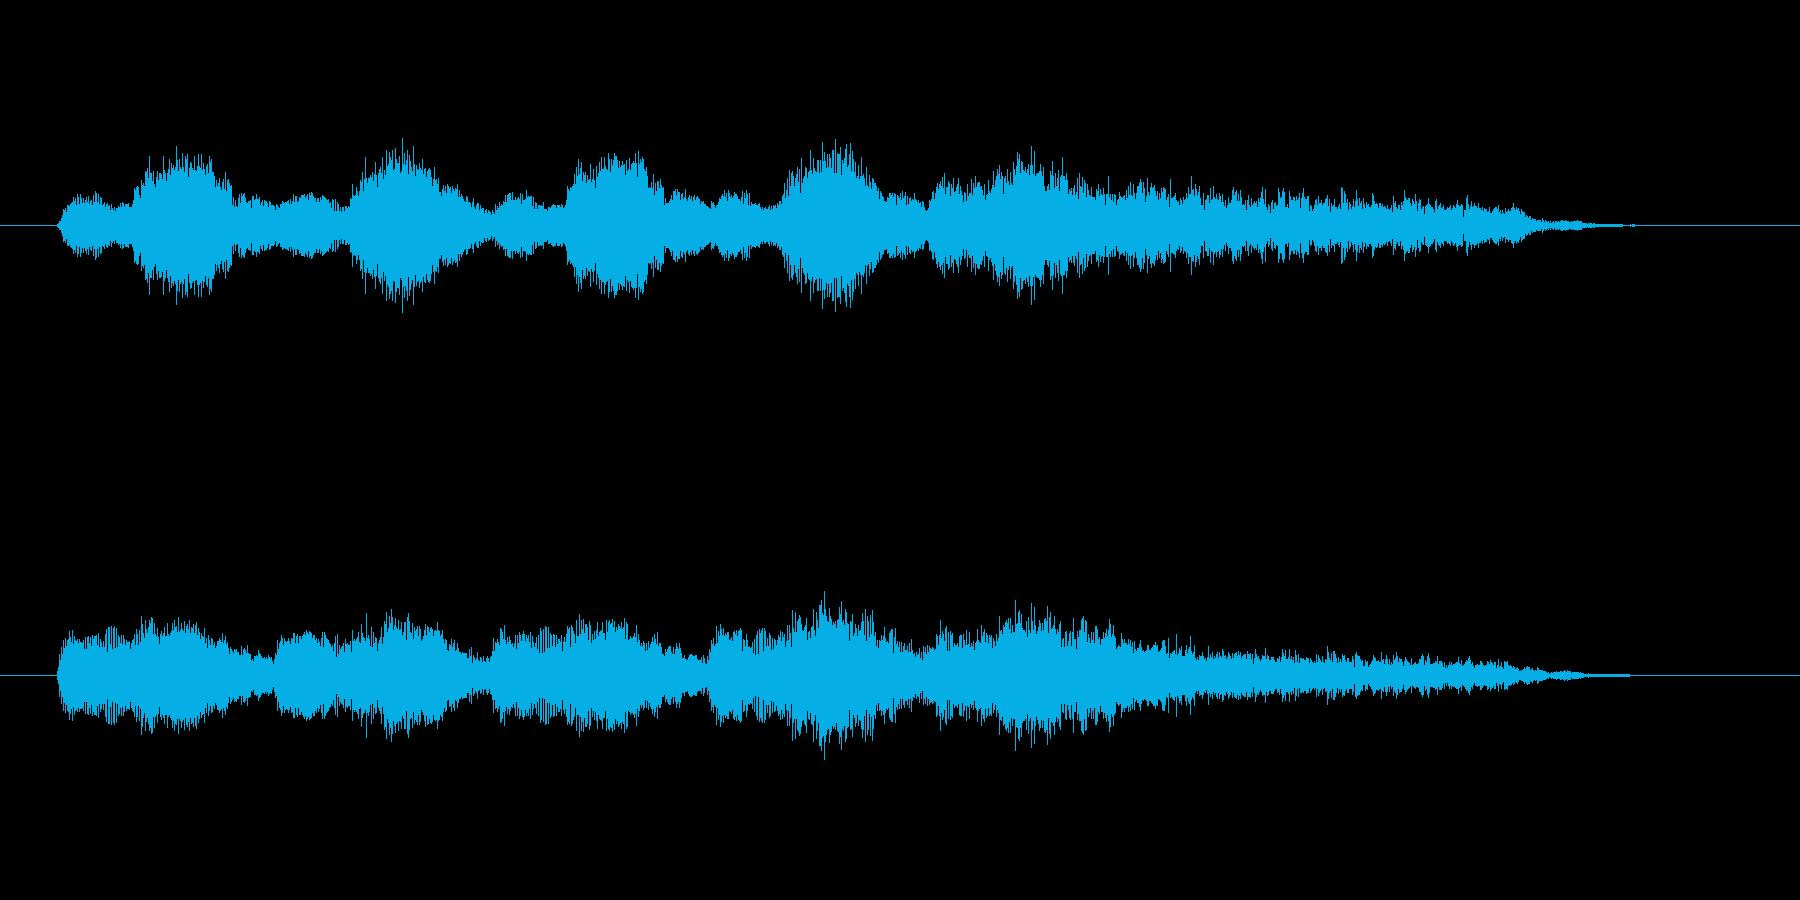 暗く悲しげなバイオリンシンセサウンドの再生済みの波形